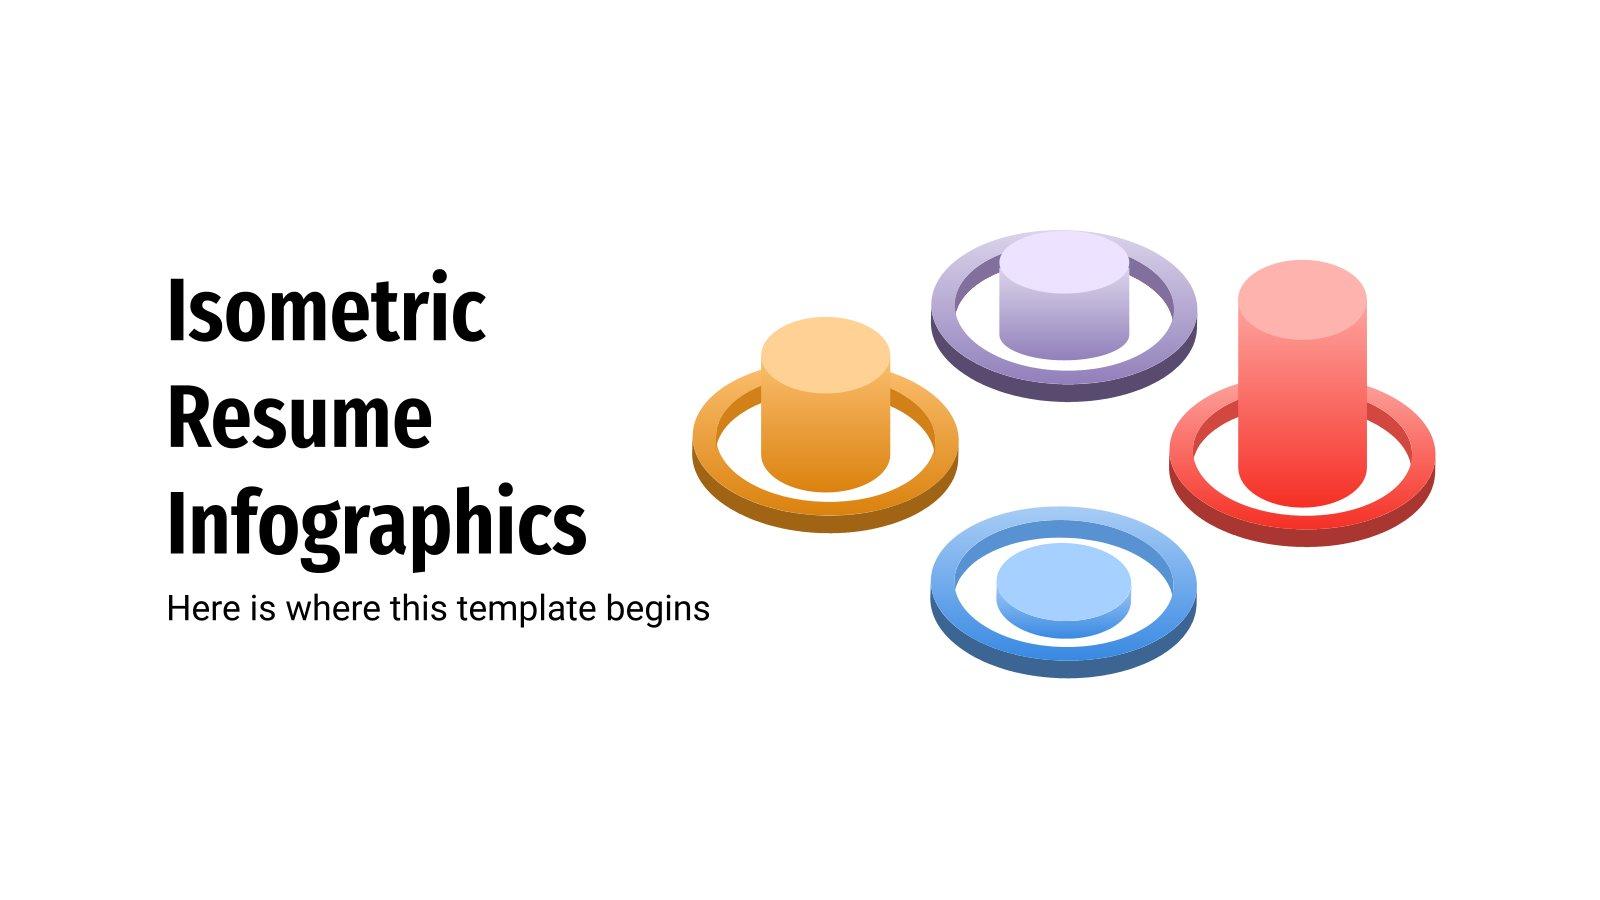 Modelo de apresentação Infográficos de CV isométricos